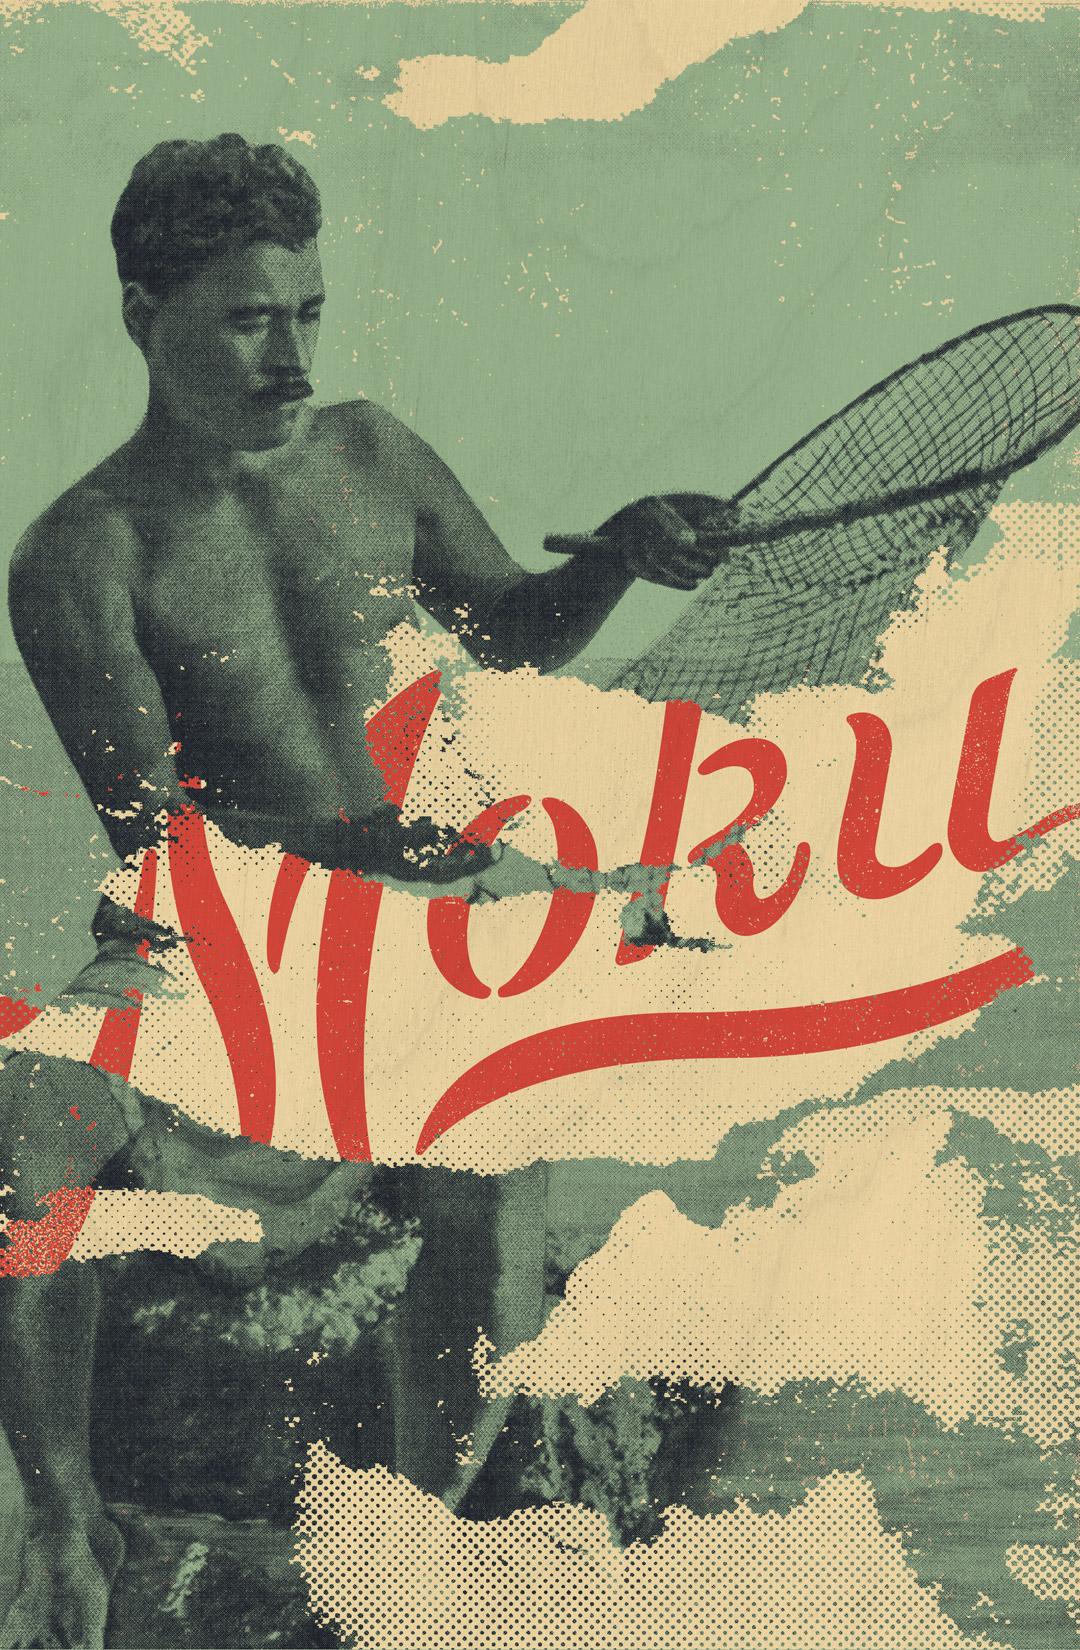 Naauao-Moku-Vertical-Fisherman.jpg